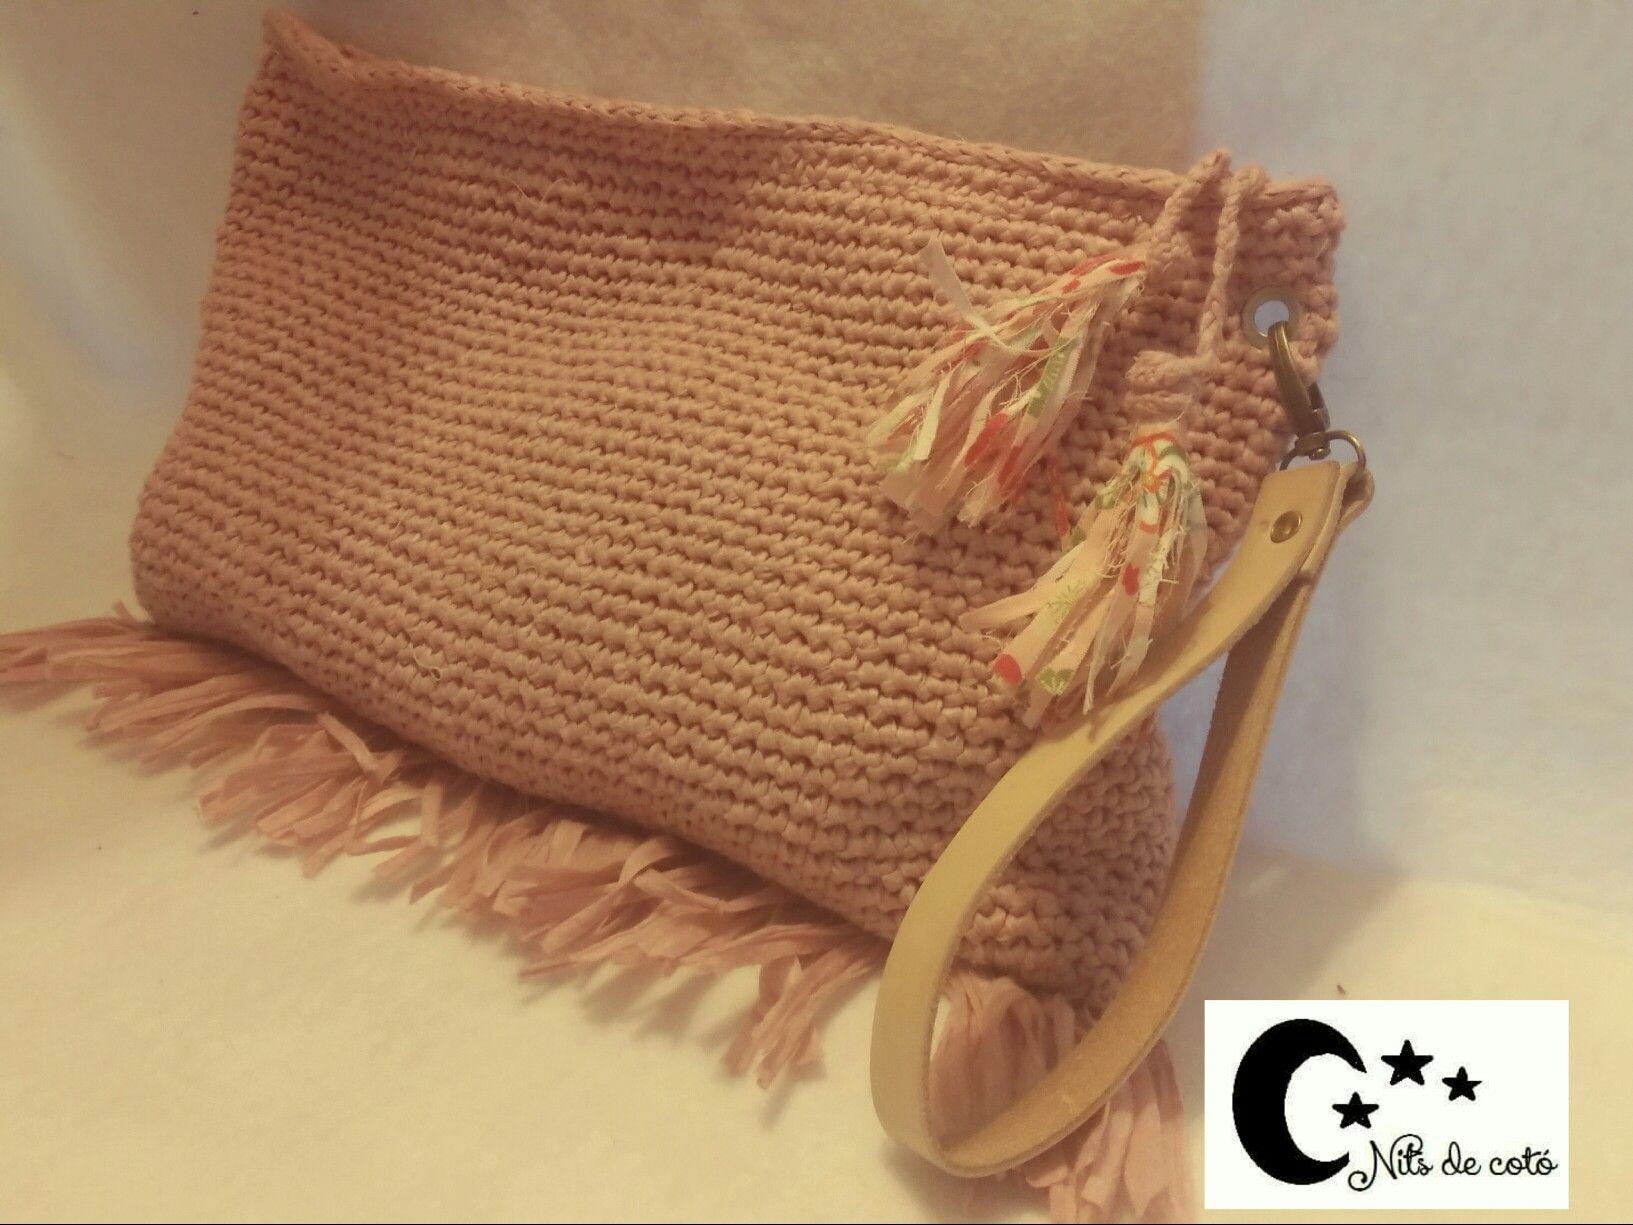 bolso de mano clutch # handmade # nitsdecoto